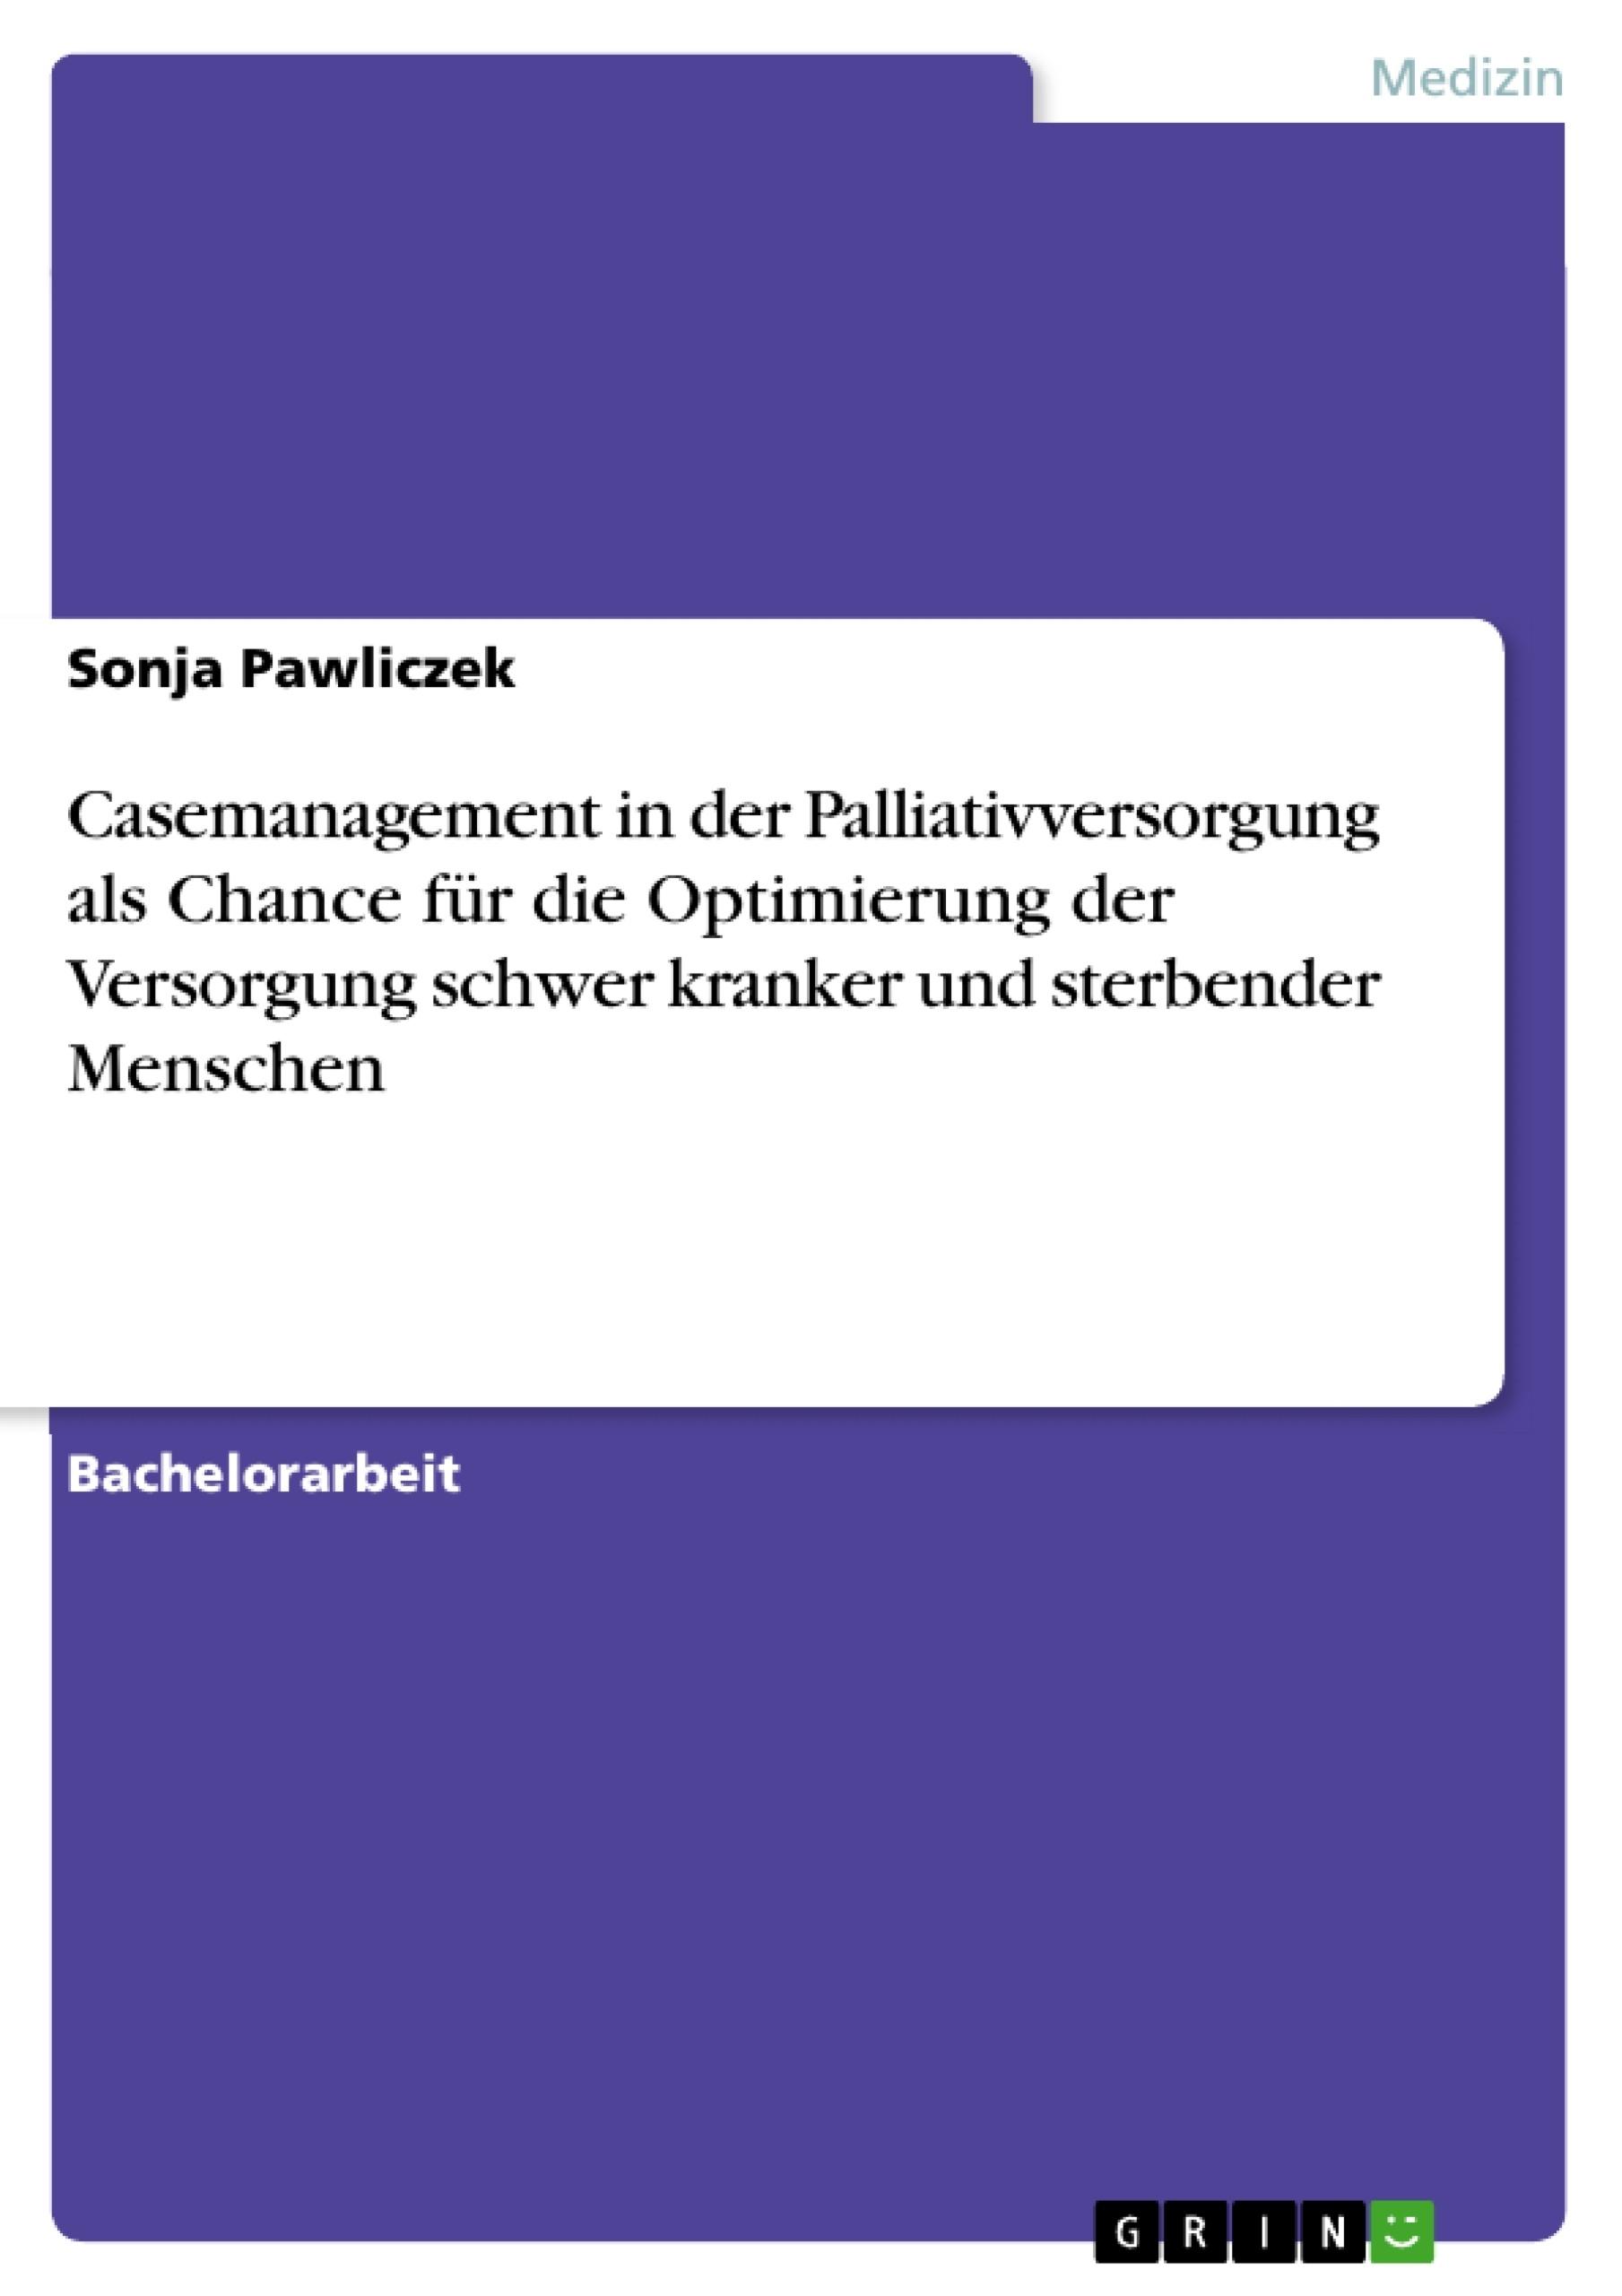 Titel: Casemanagement in der Palliativversorgung als Chance für die Optimierung der Versorgung schwer kranker und sterbender Menschen